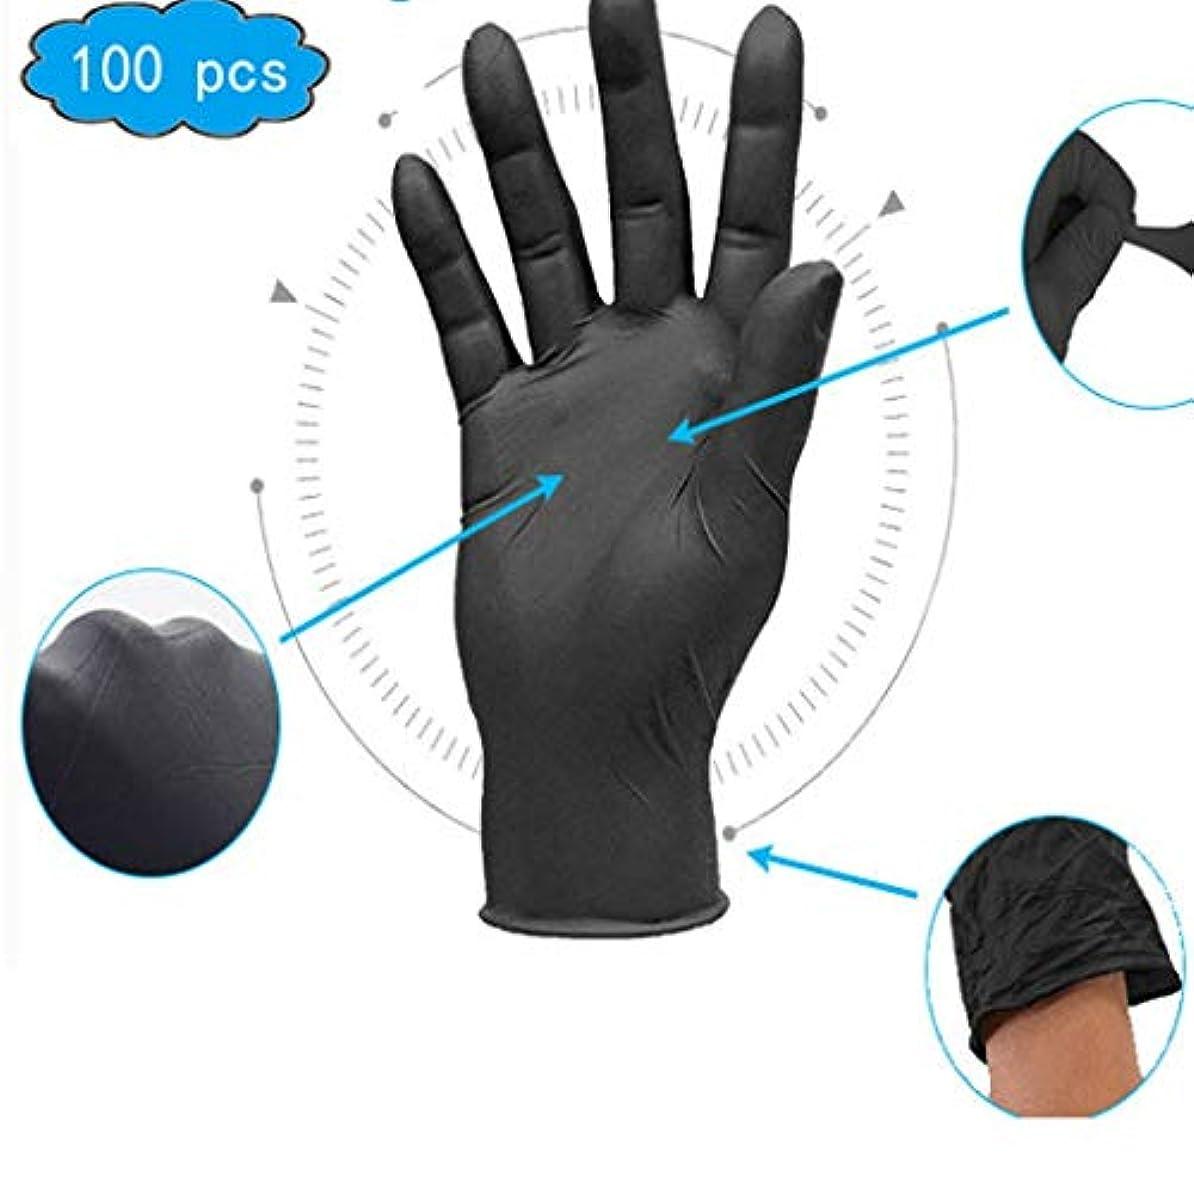 世界の窓細断剛性ニトリル手袋、医薬品および備品、応急処置用品、産業用使い捨て手袋 - テクスチャード、パウダーフリー、無菌、大型、100個入り、非滅菌の使い捨て安全手袋 (Color : Black, Size : M)